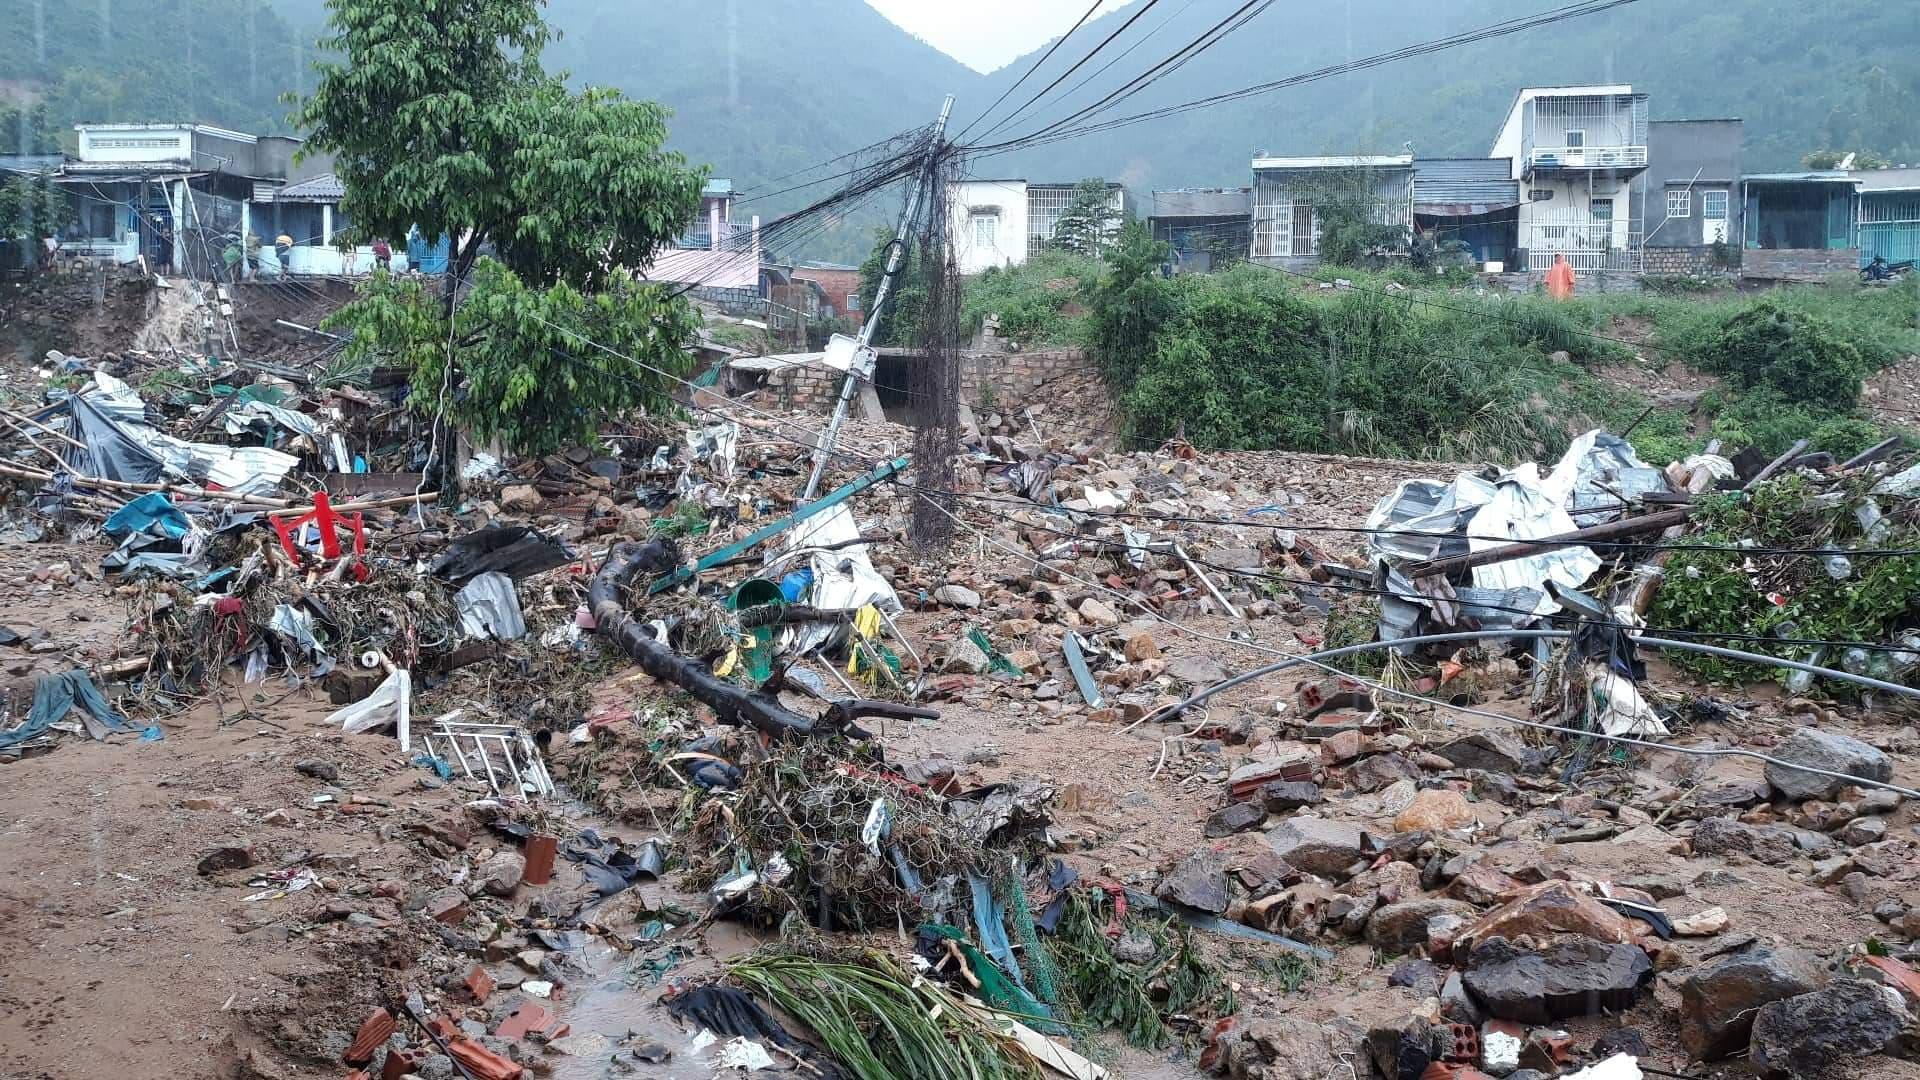 Sạt lở hàng loạt ở Nha Trang, đã có 12 người tử vong - Ảnh 1